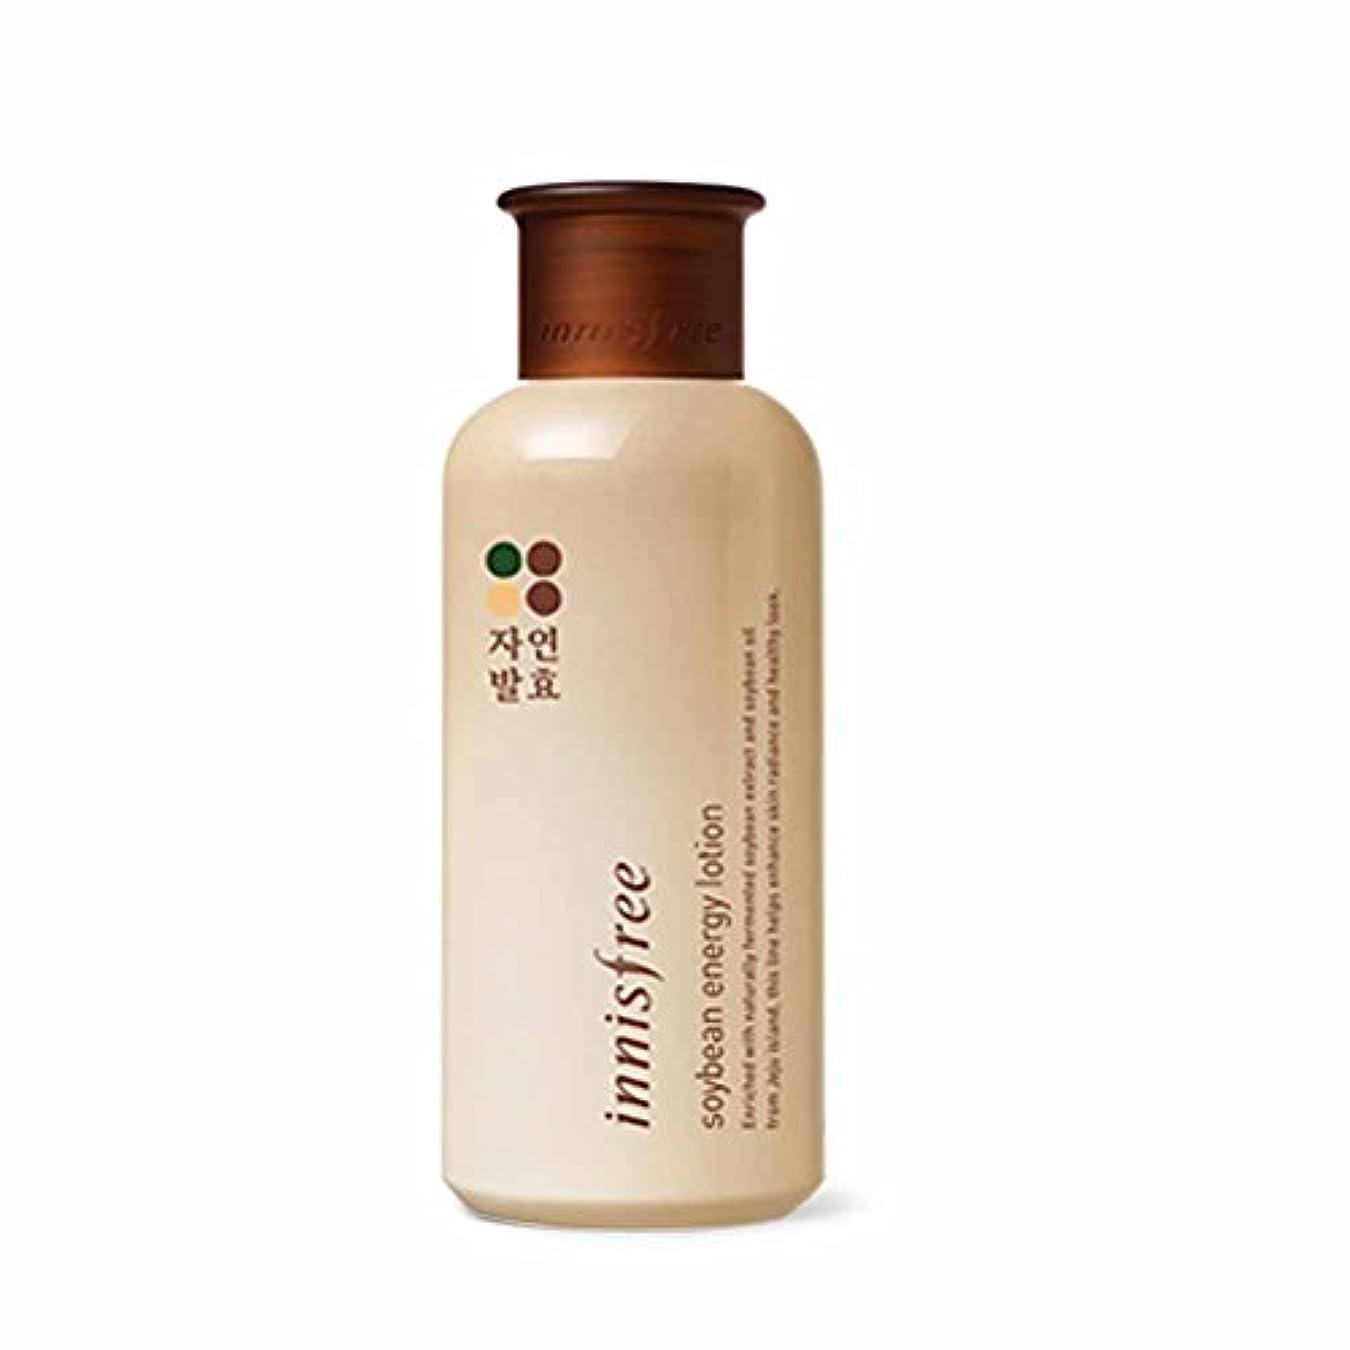 陸軍性格大学院イニスフリーソイビーンエナジースキン(トナー)200ml / Innisfree Soybean Energy Skin(Toner) 200ml[海外直送品][並行輸入品]